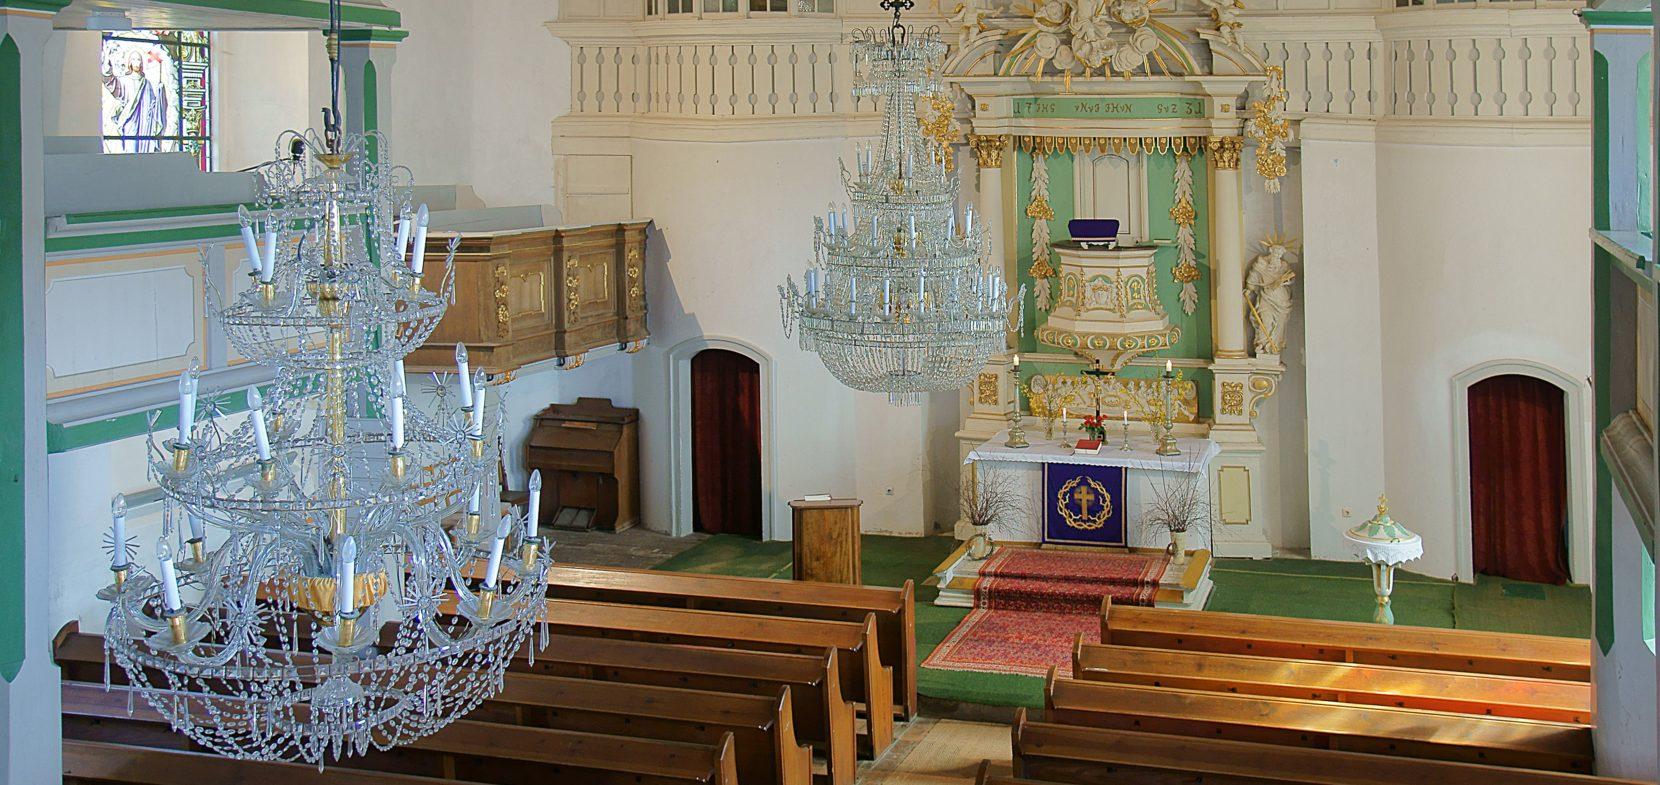 Ev.-Luth. Kirchgemeinde Wehrsdorf (Schwesterkirchverhältnis Neukirch/L. mit SK Steinigtwolmsdorf, Sohland, Wehrsdorf)